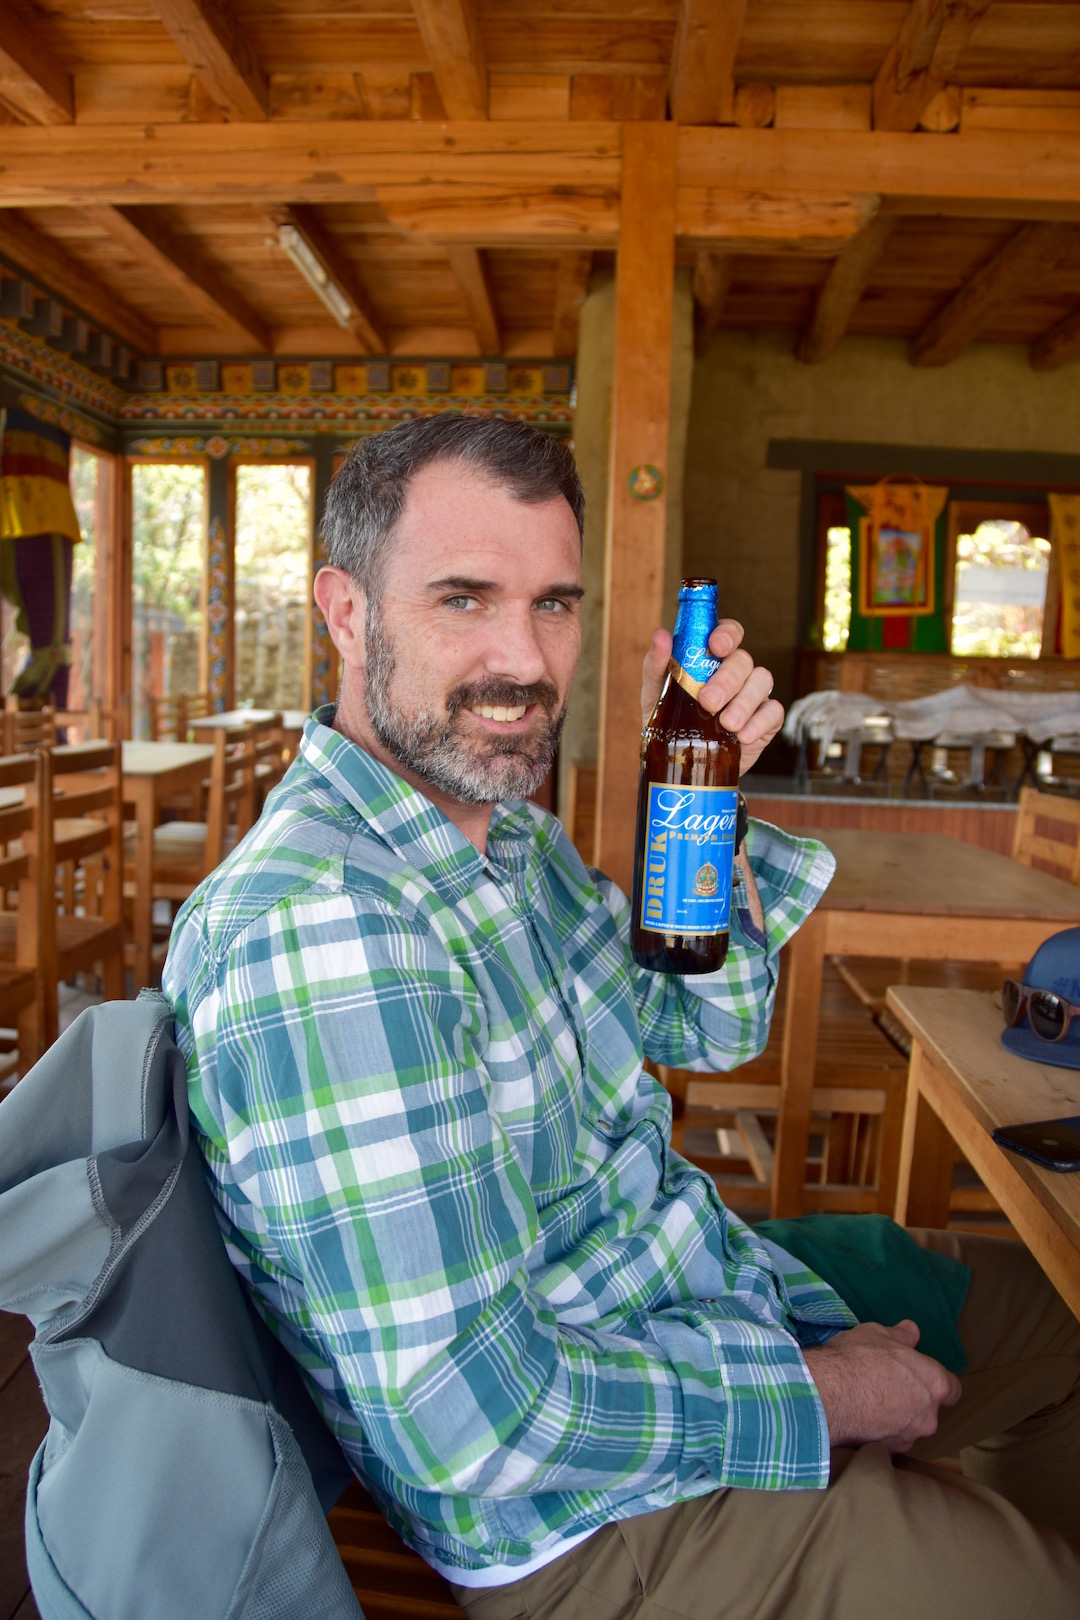 bhutan beer.jpg